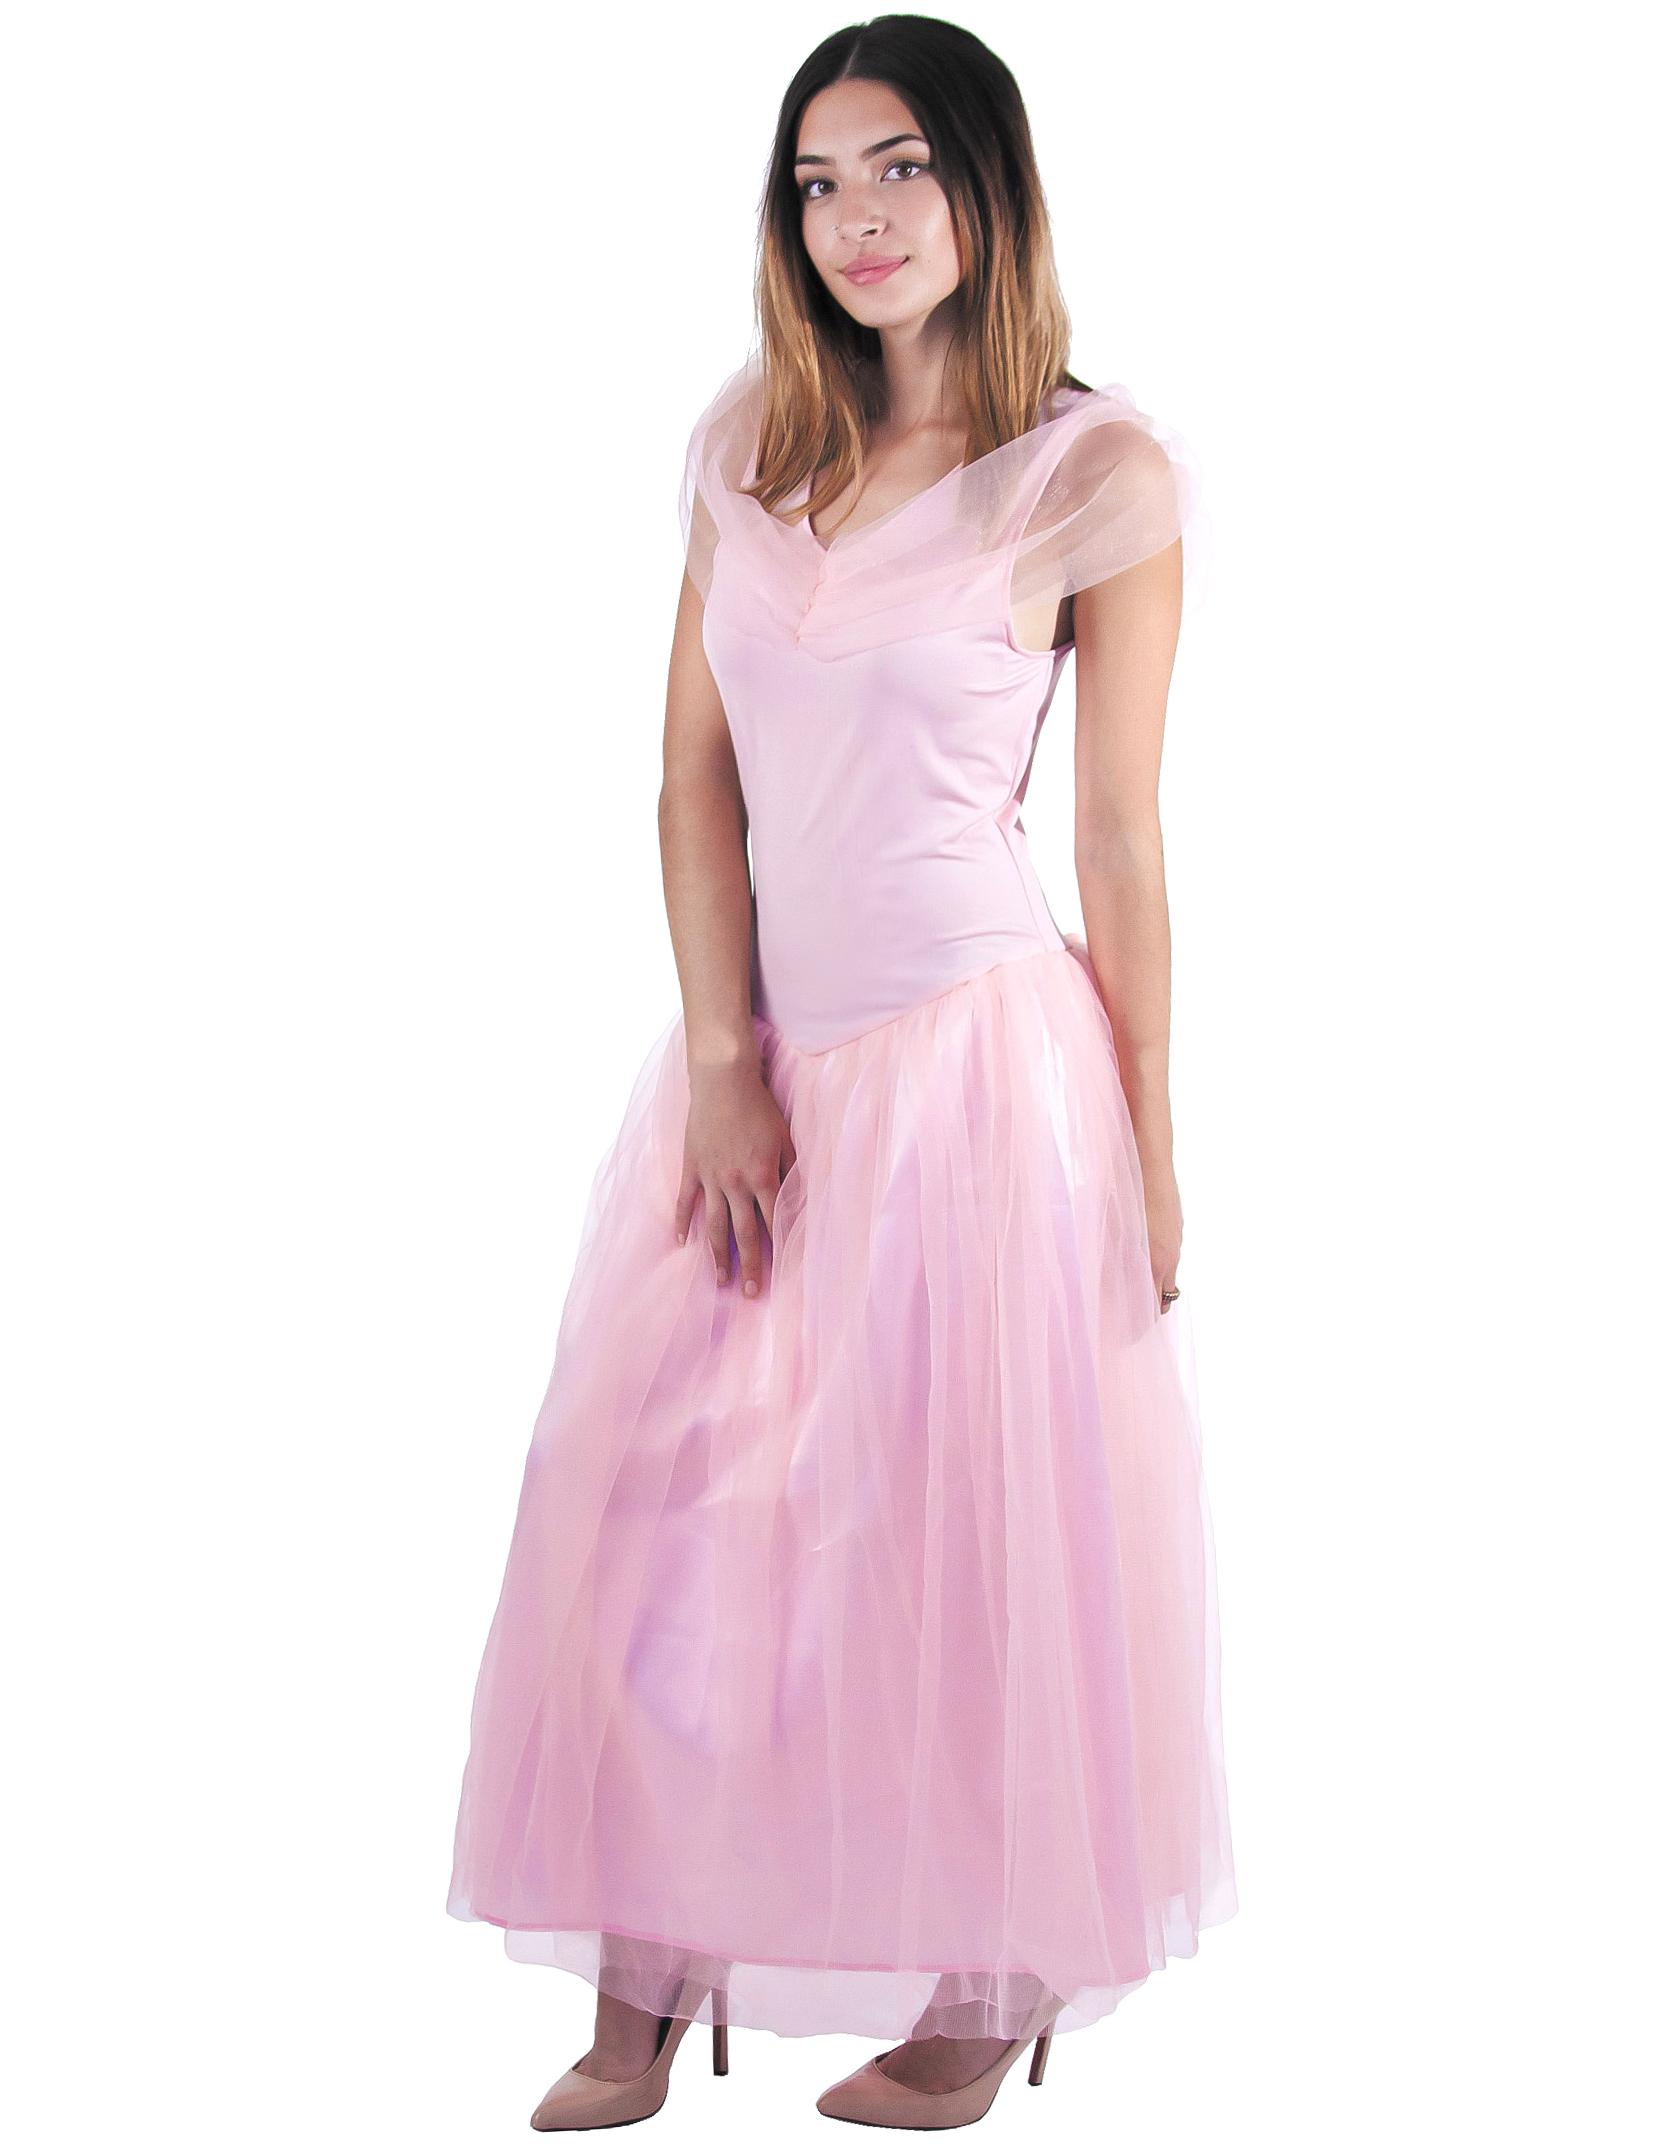 Perfecto Vestido De Fiesta Inspirada Congelada Imagen - Colección de ...